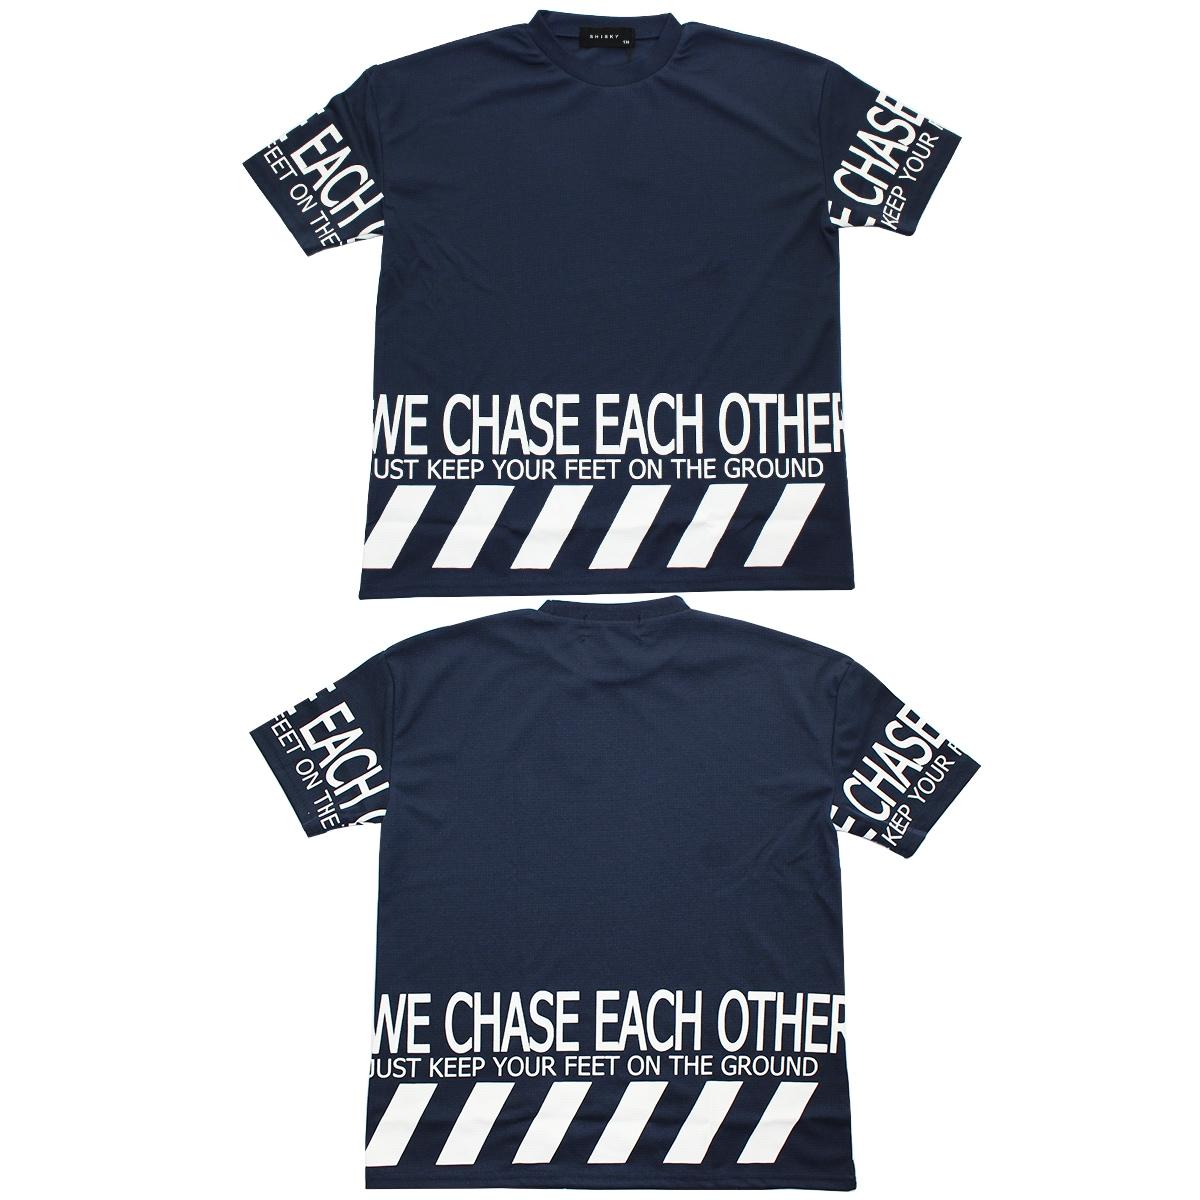 SHISKYワッフル素材半袖Tシャツ×レギンスセットアップ トップス 黒